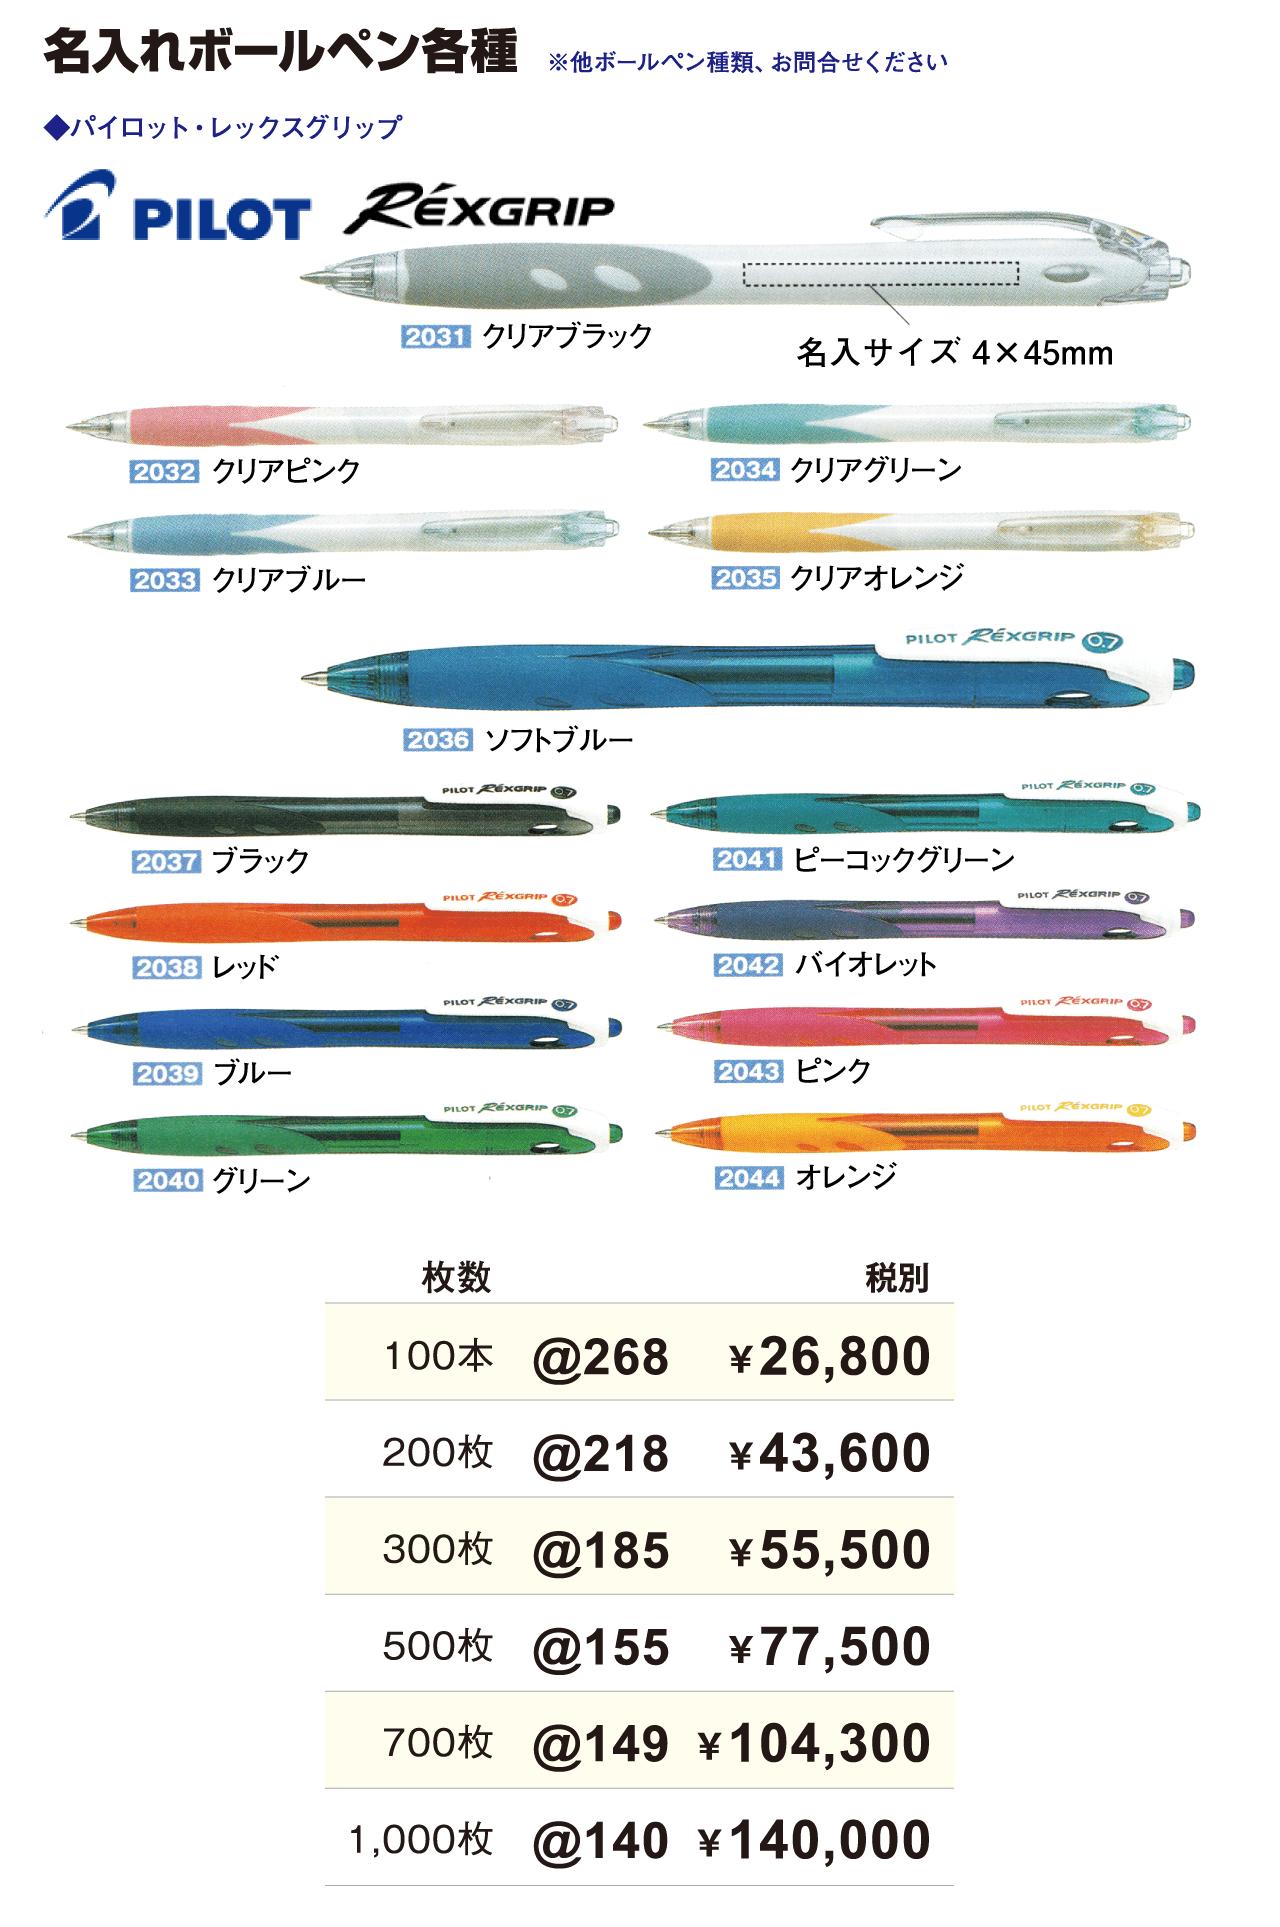 パイロットボールペン各種名入れ料金表